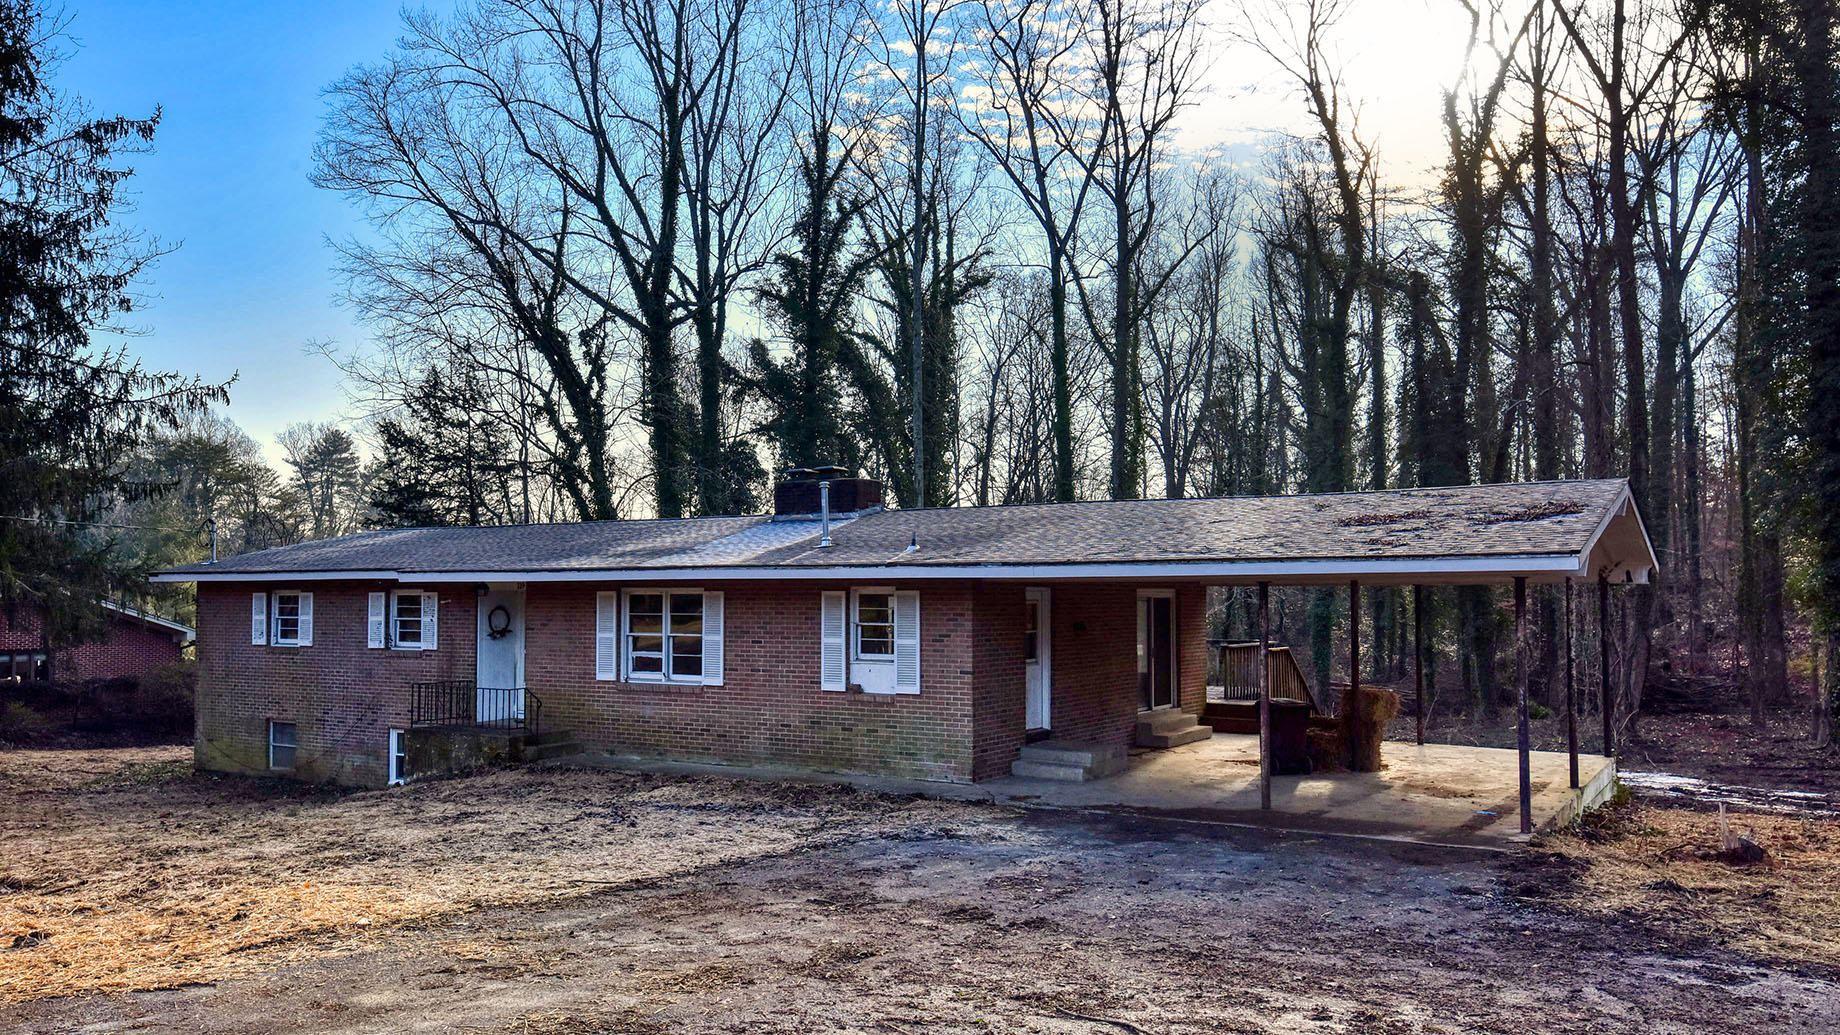 Photo of 119 Carnegie Drive, Oak Ridge, TN 37830 (MLS # 1139330)